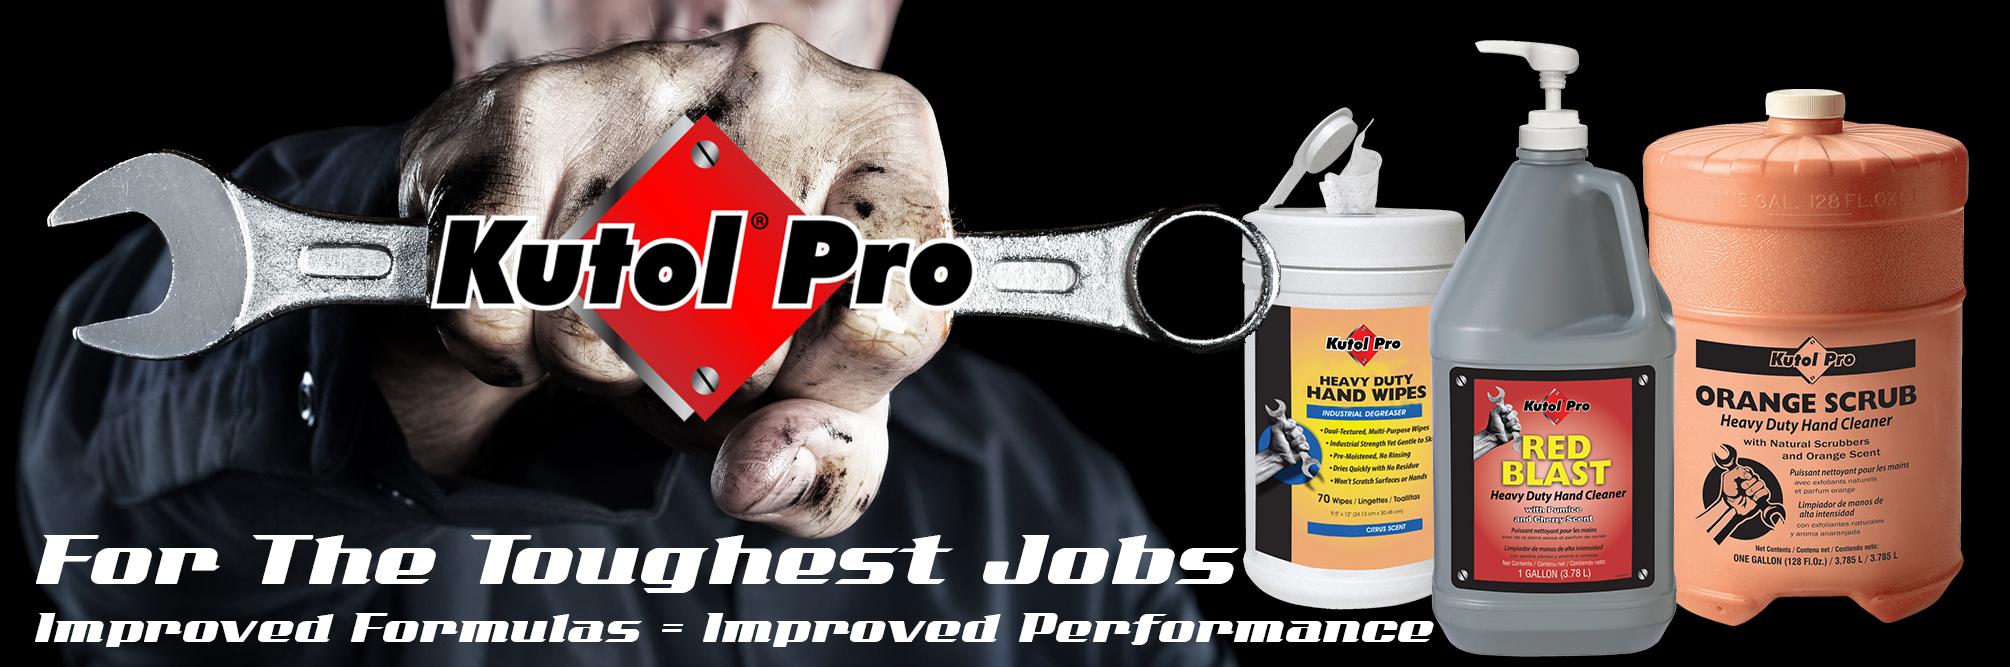 Kutol-Pro-Header